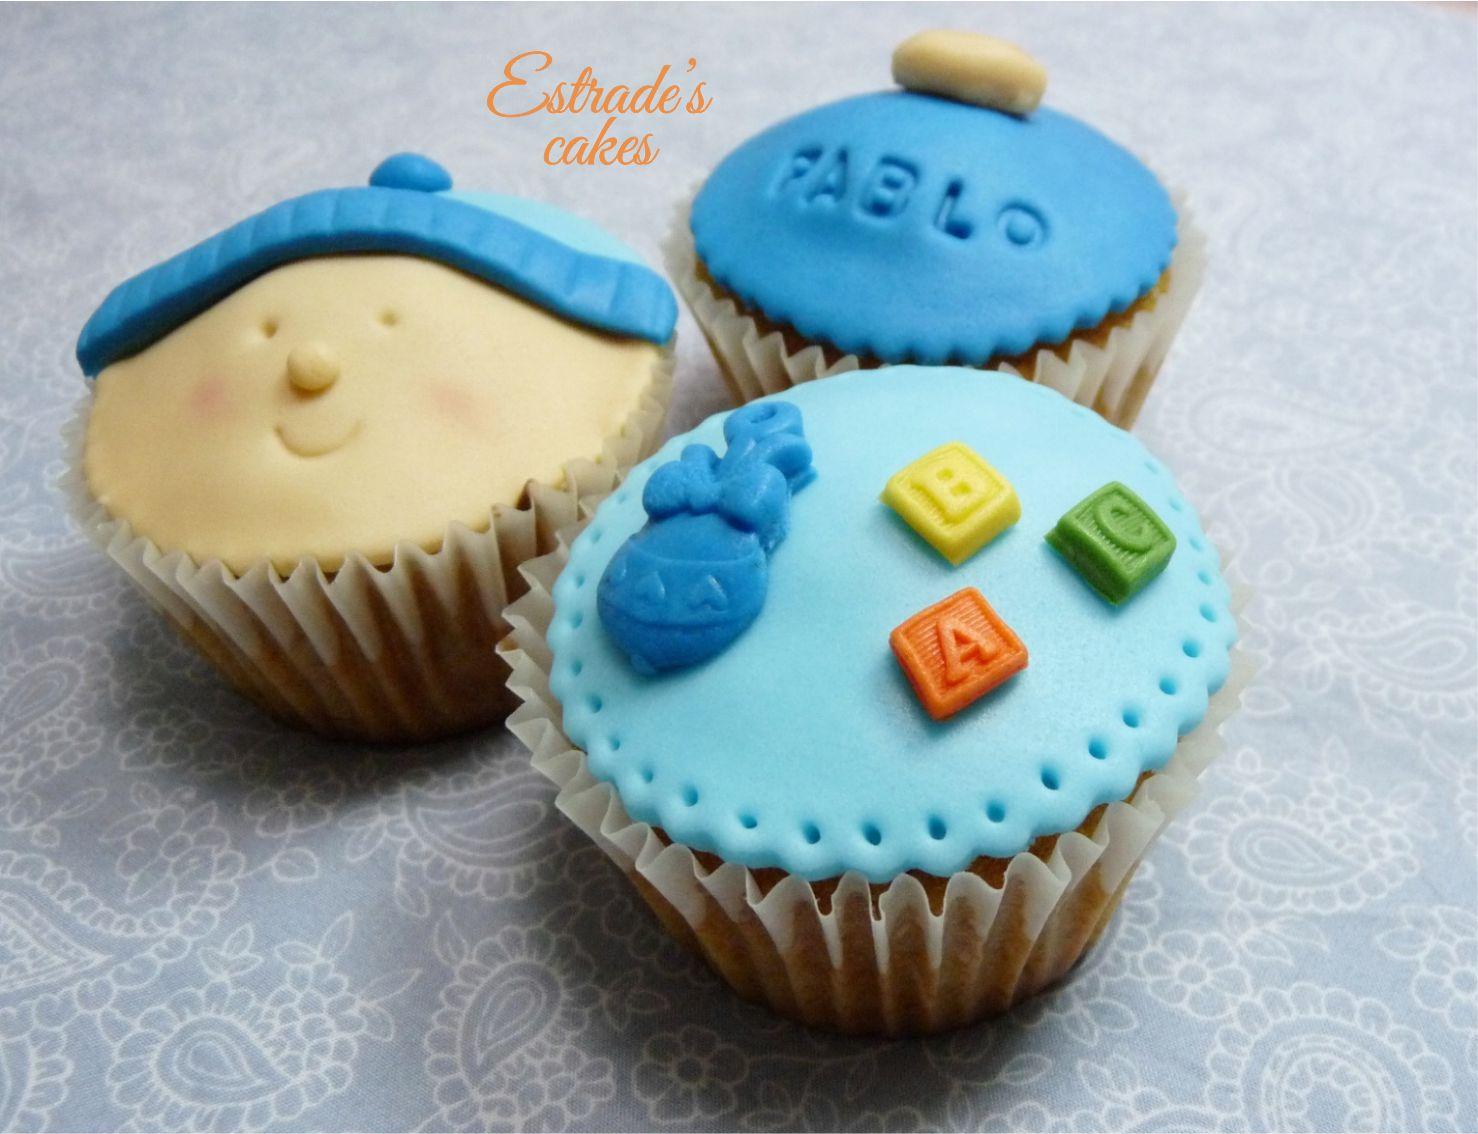 cupcakes para bebé con fondant 2 - 4